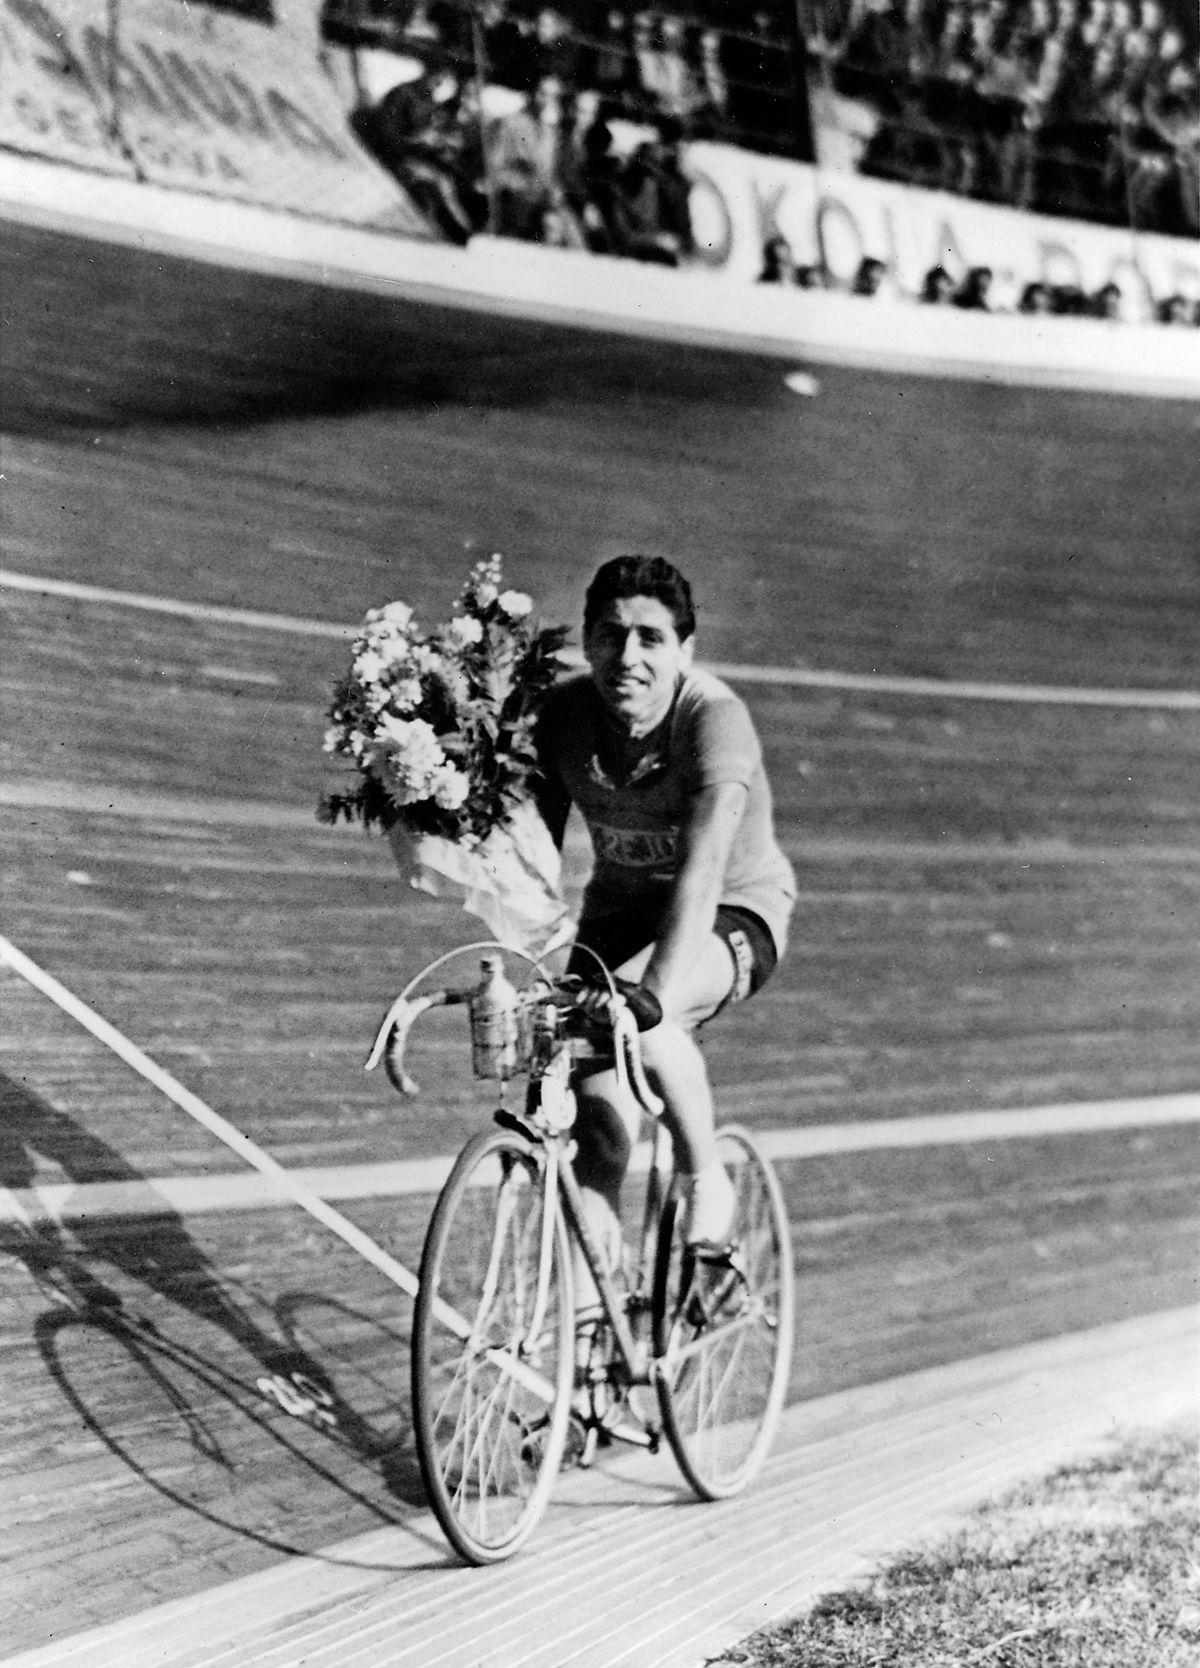 Giro di Lombardia 1938, 23 ottobre. Milano, Velodromo Vigorelli. Cino Cinelli (1916-2001) al giro d'onore